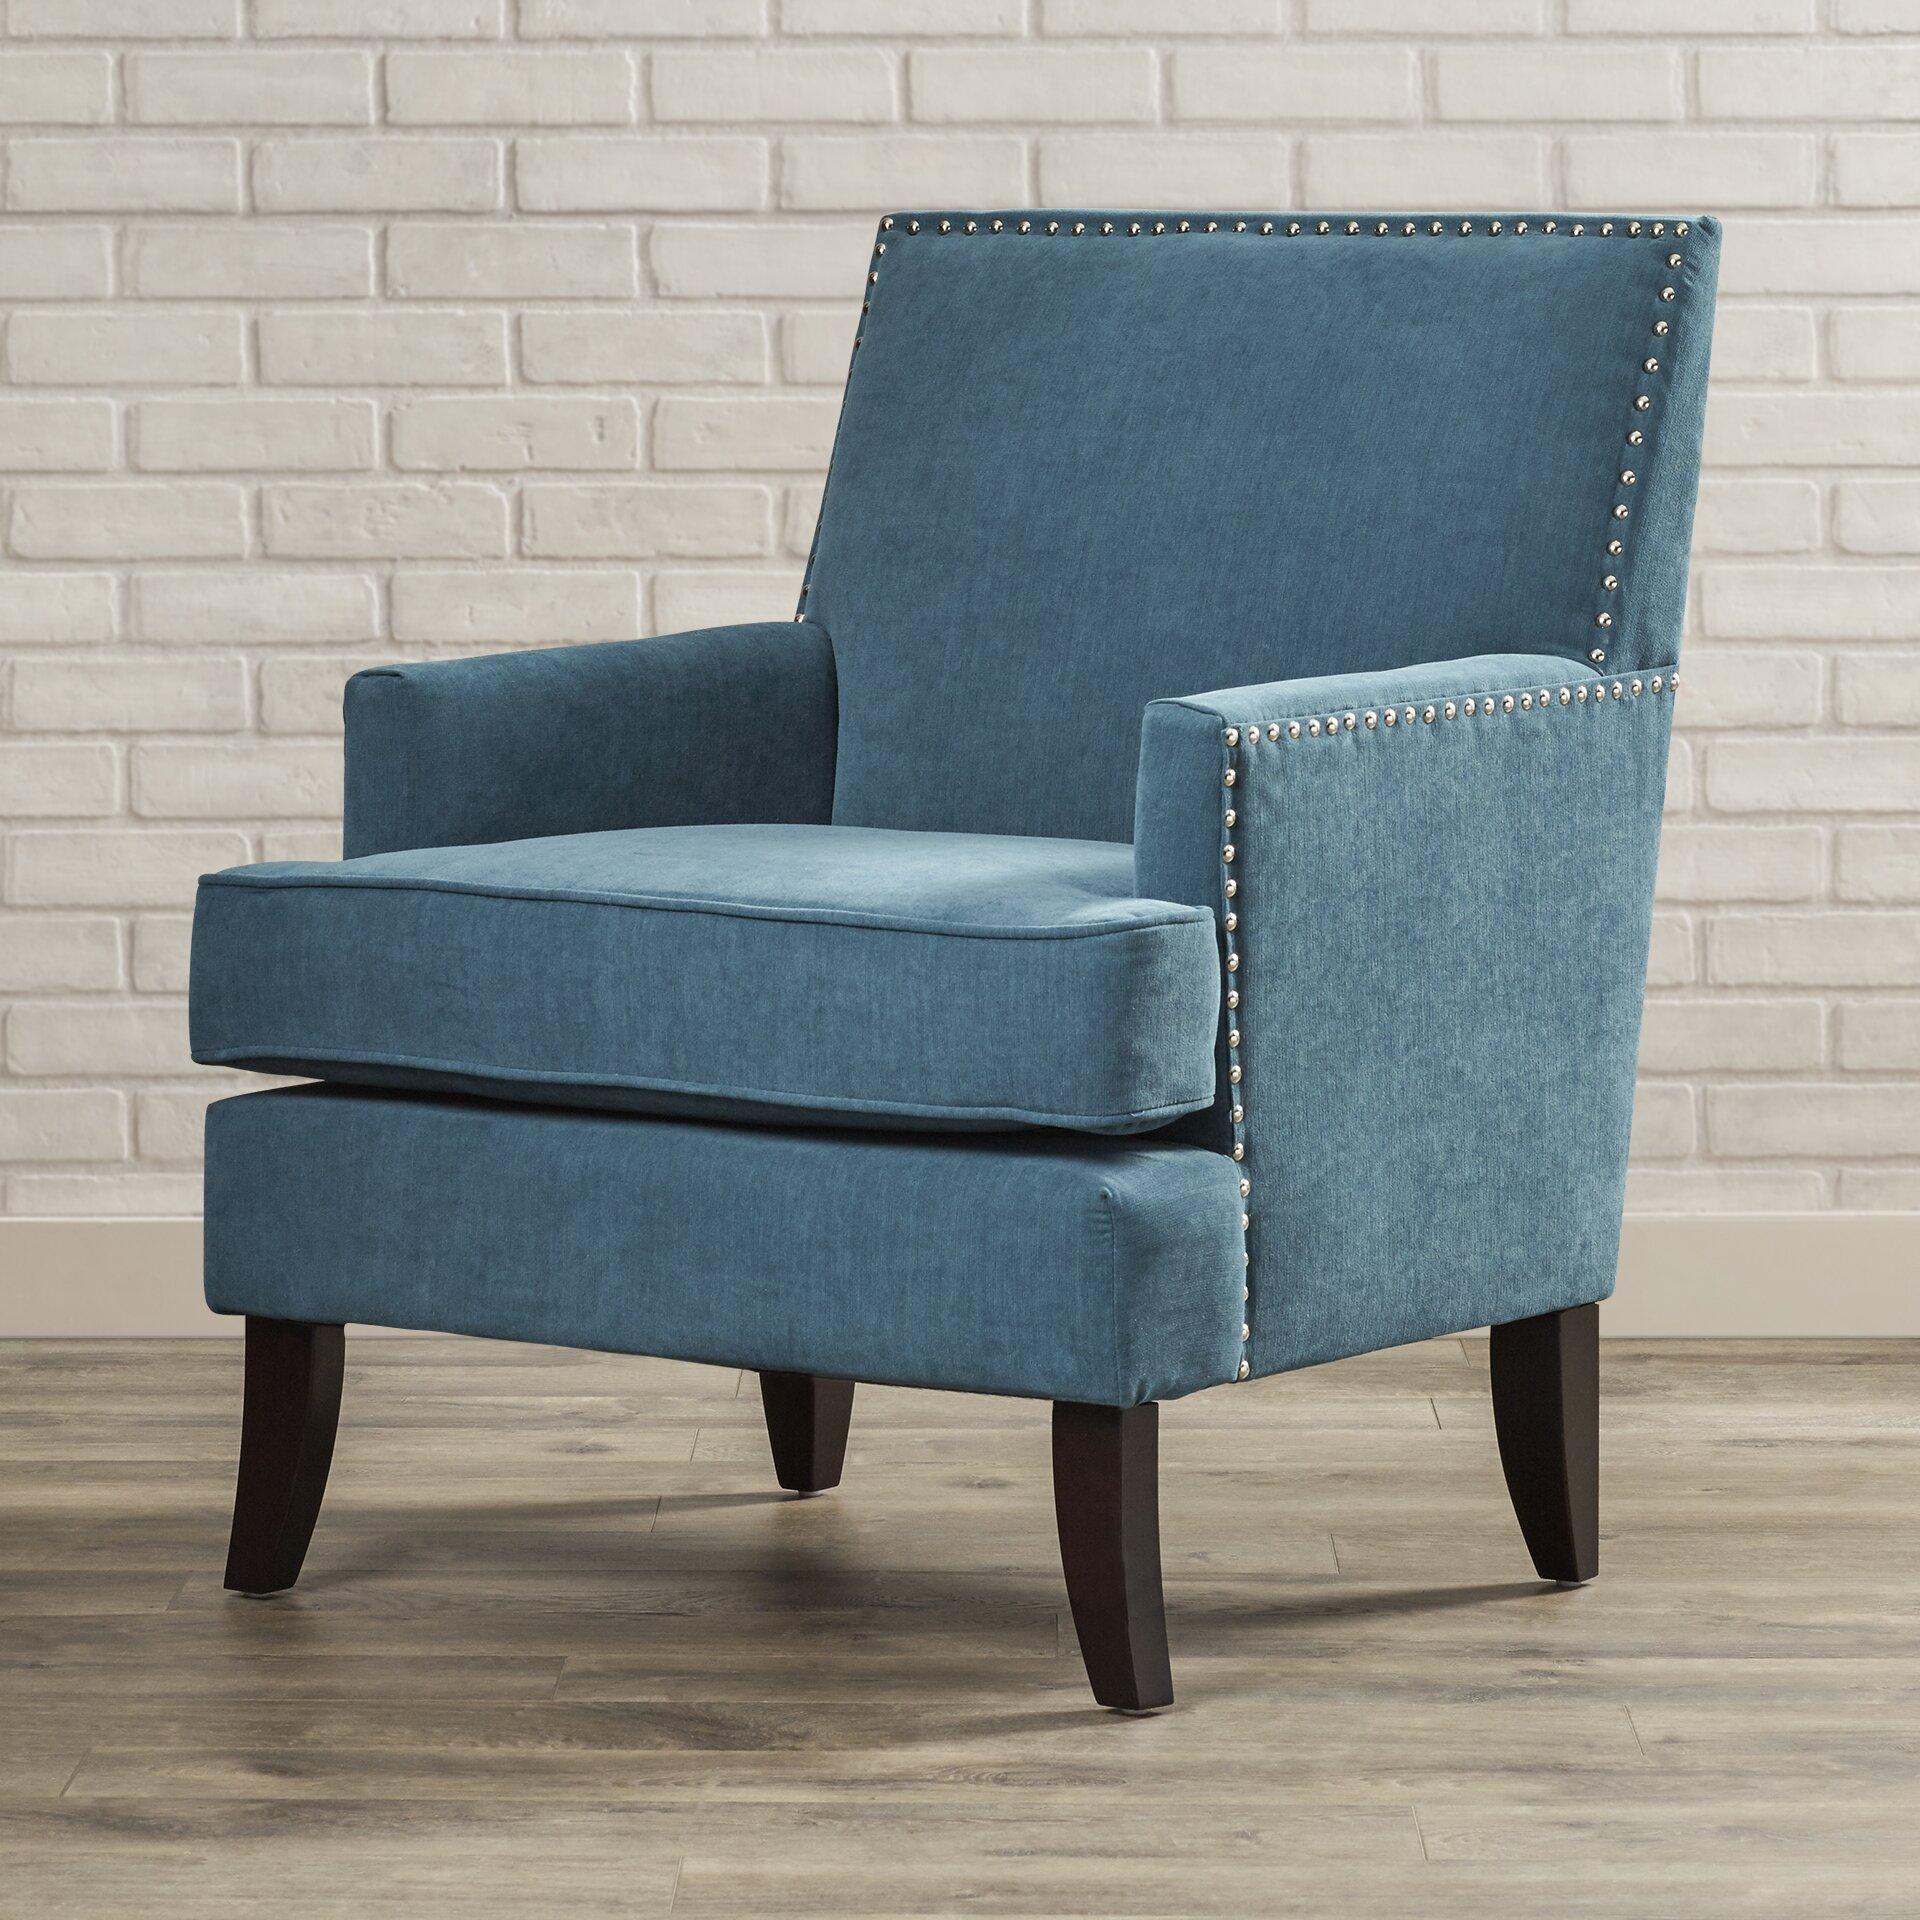 Brayden Studio Aldwick Arm Chair Amp Reviews Wayfair